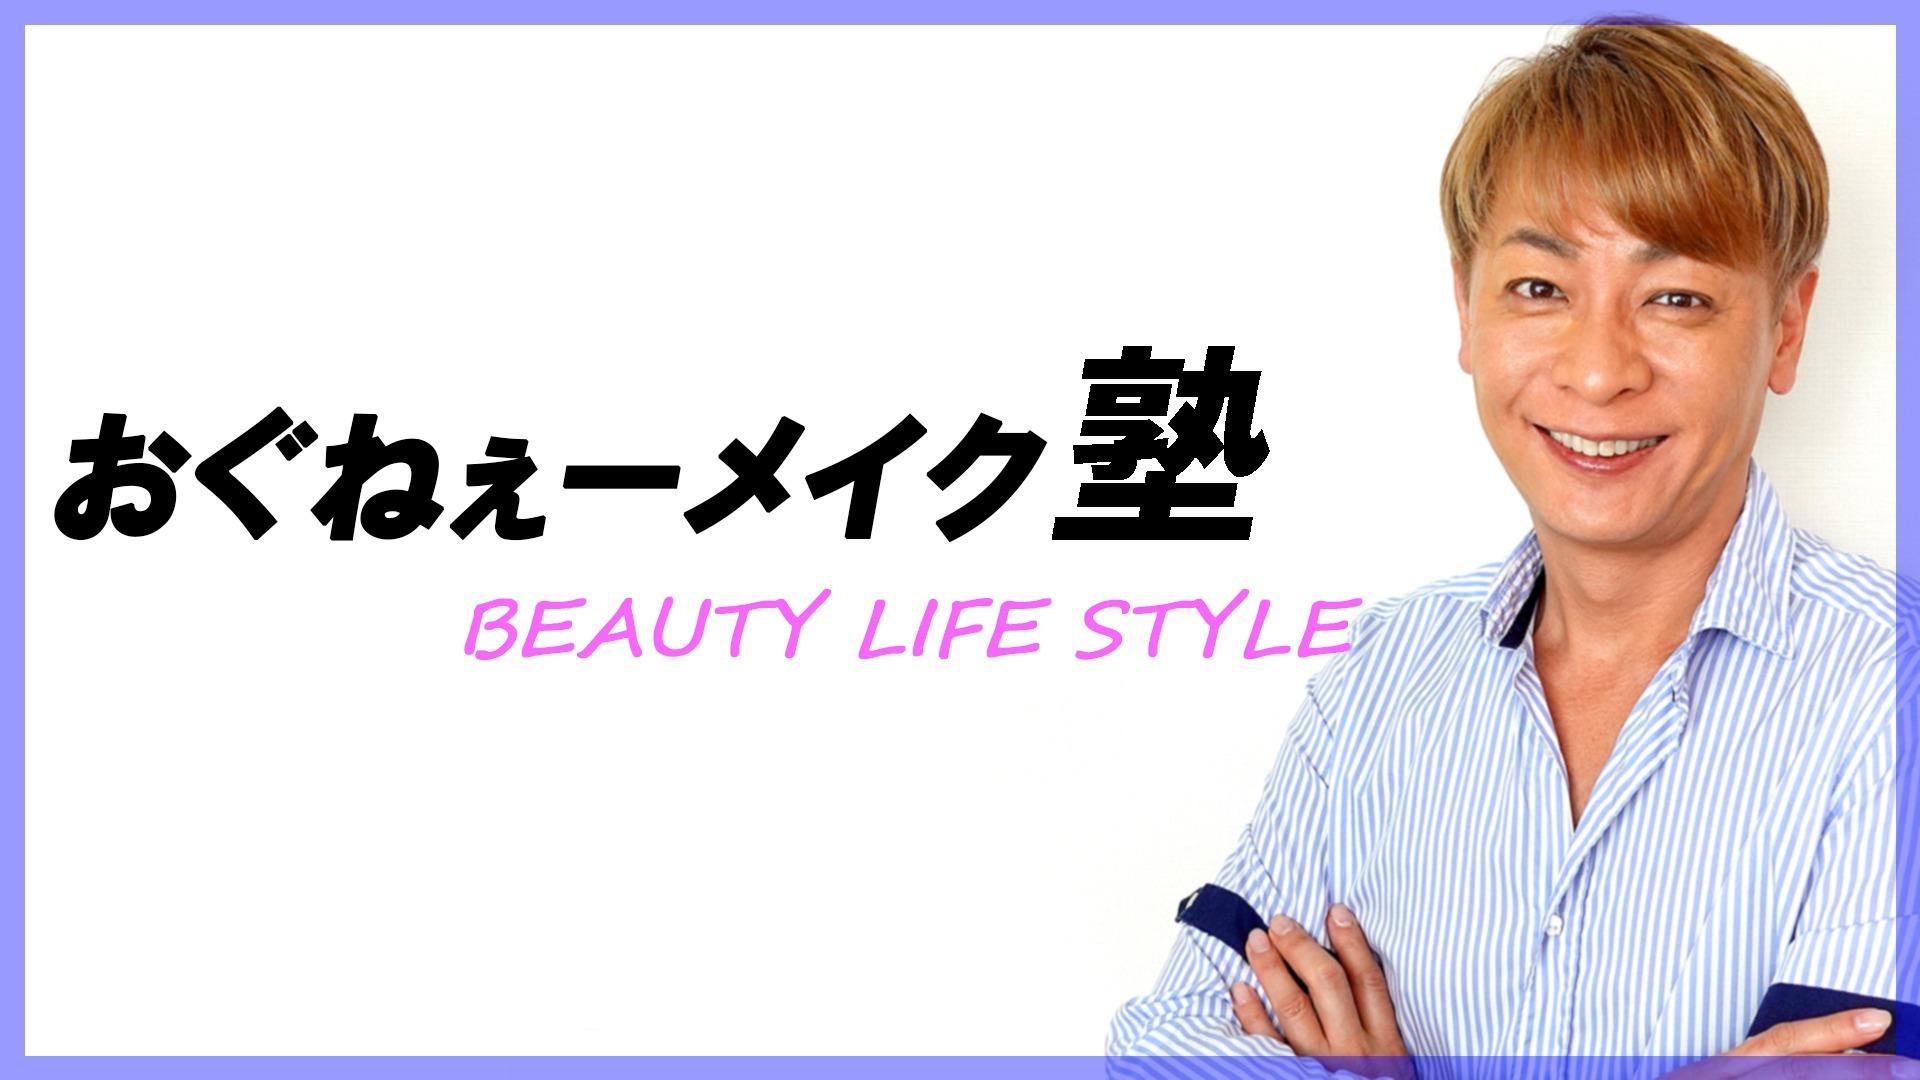 おぐねぇーメイク塾 BEAUTY LIFE STYLE